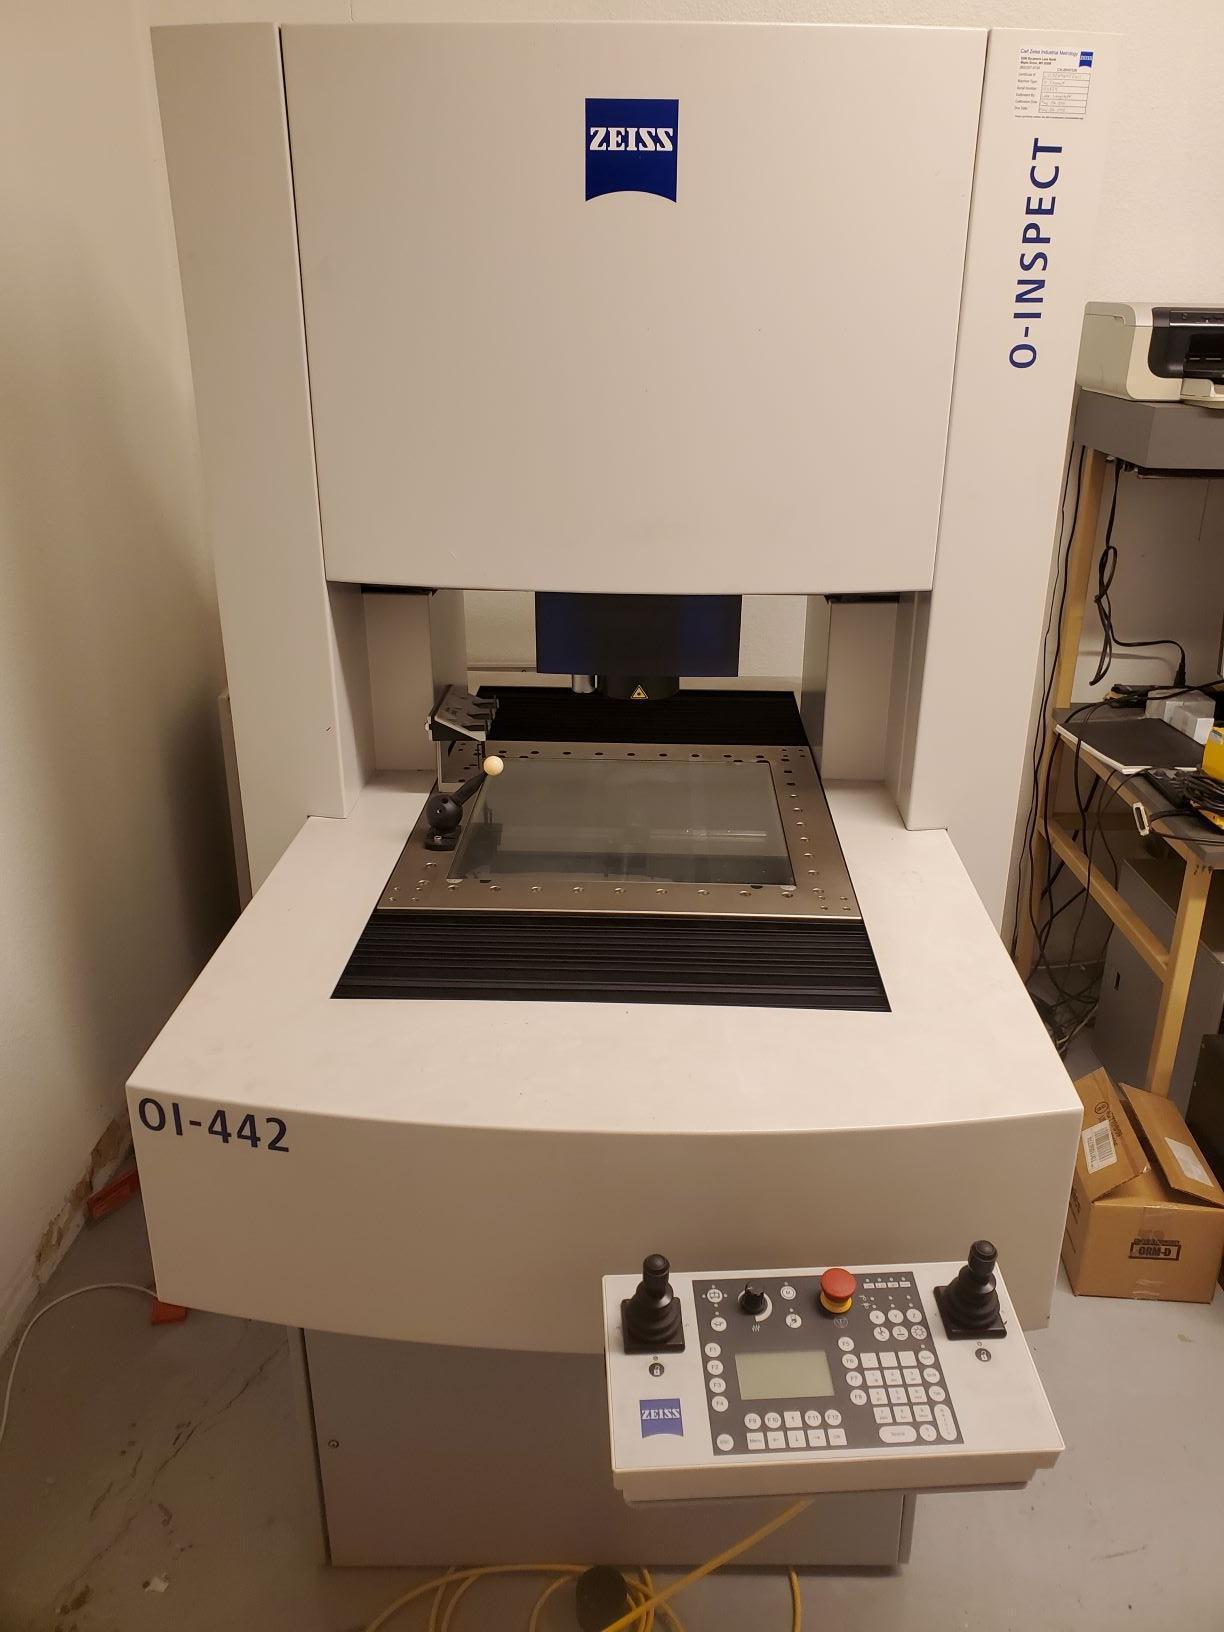 ZEISSZeiss O-Inspect 4/4/2 DCC Coordinate Measuring Machine (CMM)(#33197)